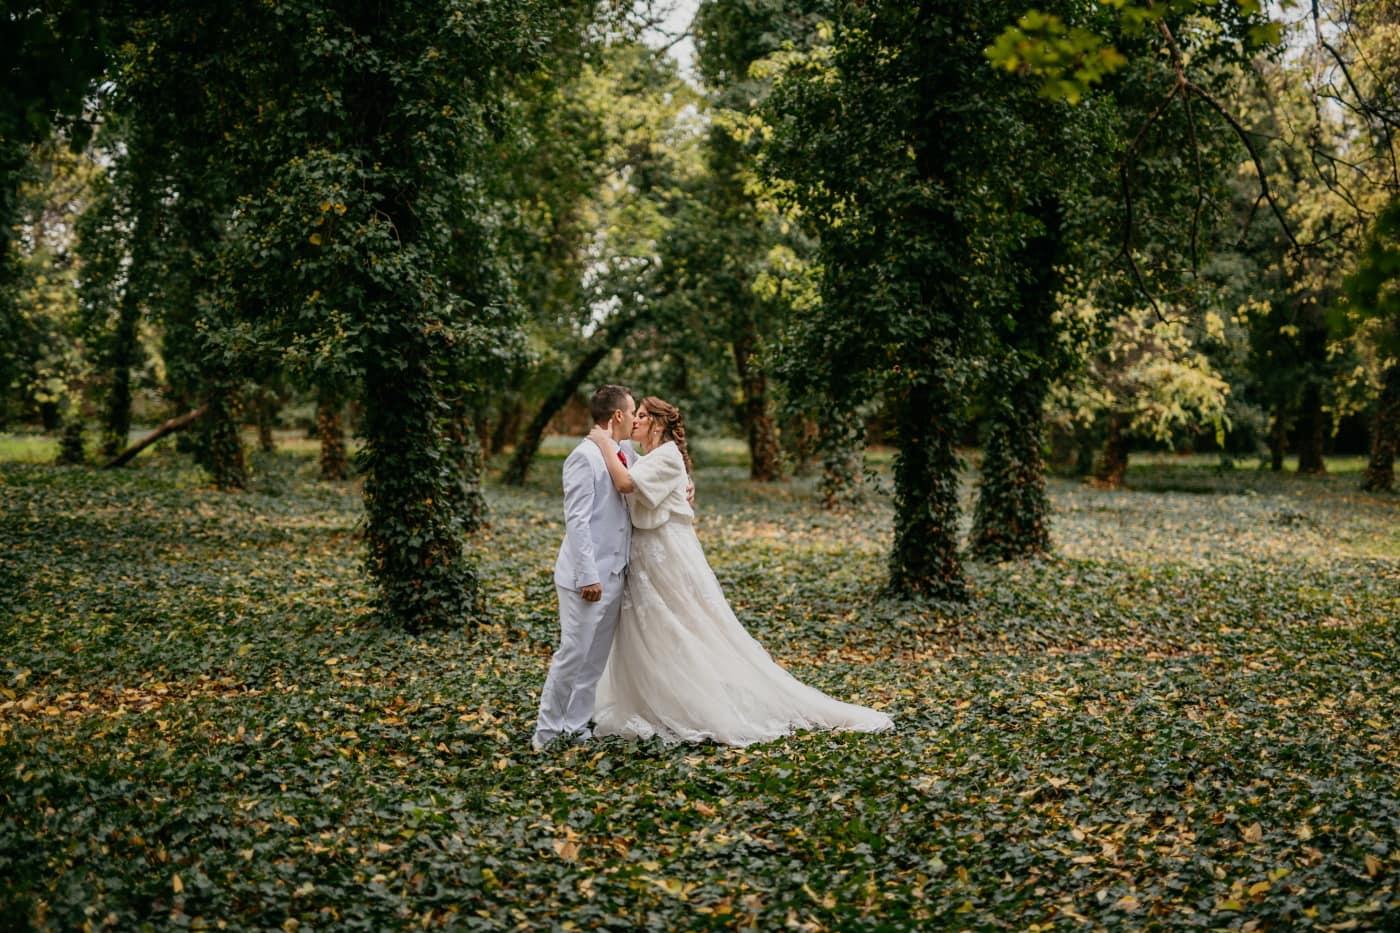 Prinzessin, Kuss, Prinz, weiß, Anzug, Hochzeitskleid, Waldweg, Braut, Hochzeit, verheiratet